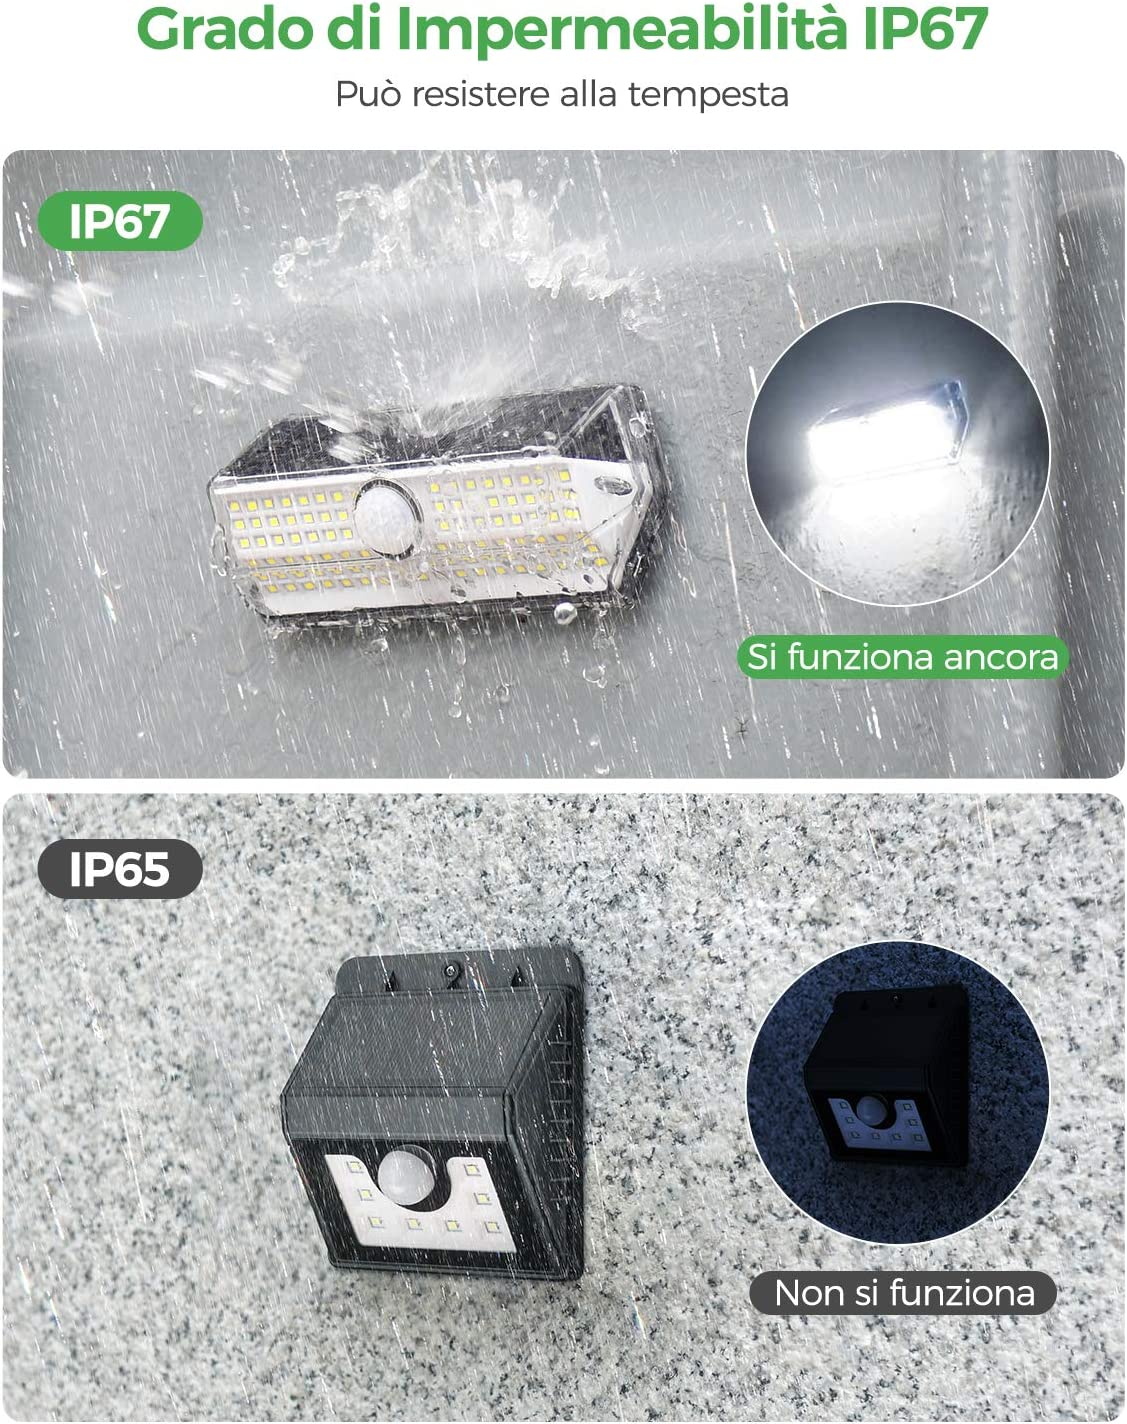 Classe di efficienza energetica A+++ LITOM Luci Giardino, Luce Fredda 4 modalit/à 2 Pezzi Versione Aggiornata Solare LED Esterno IP67 Impermeabile,Parete Wireless Risparmio